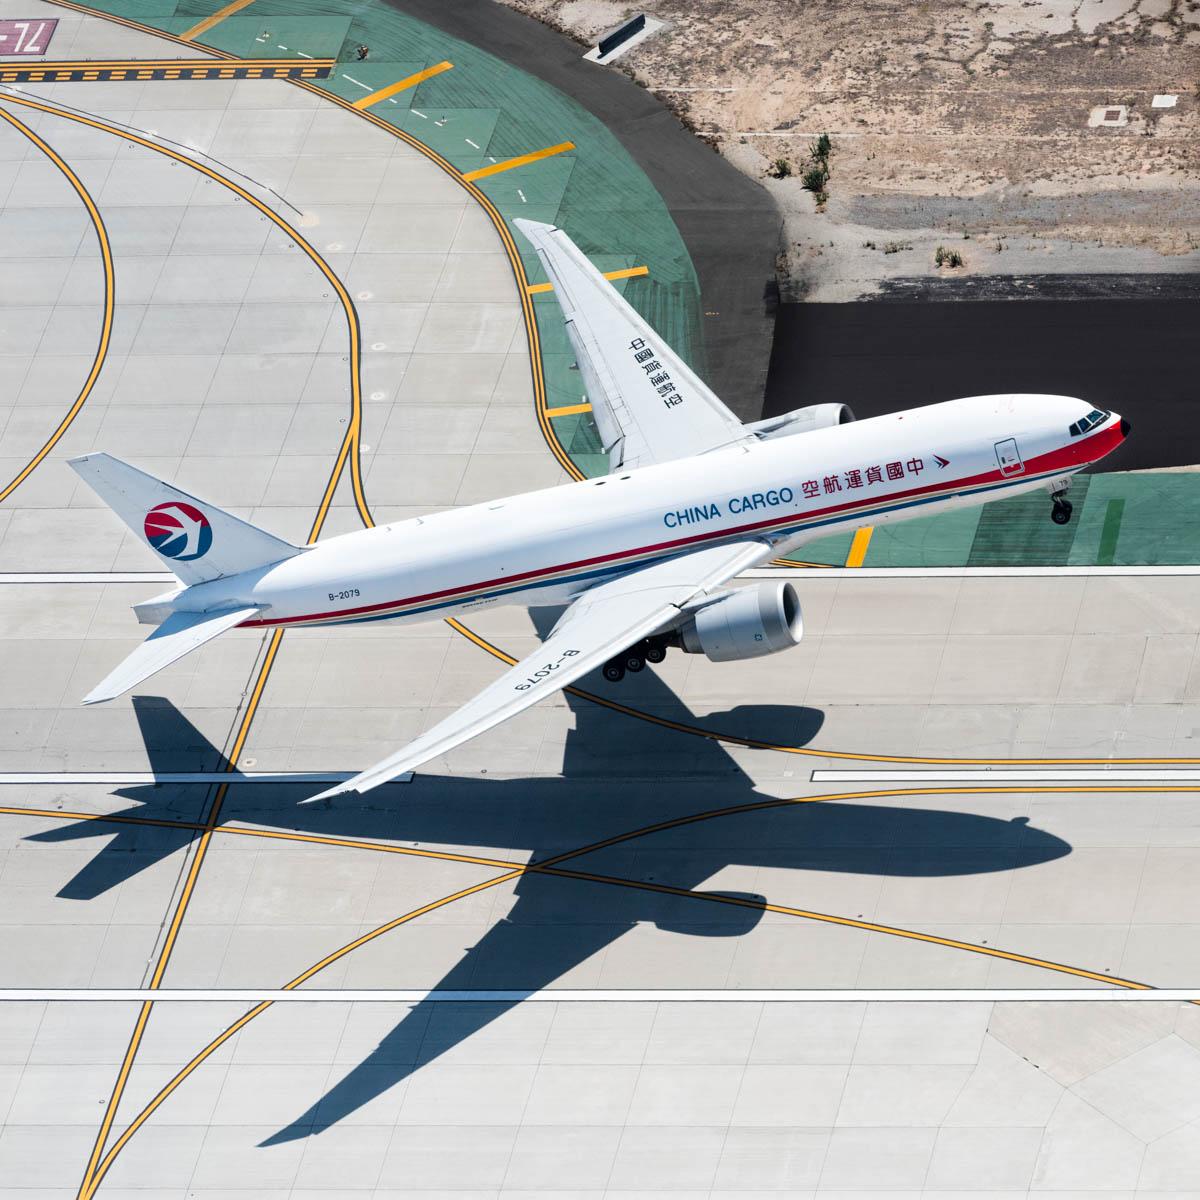 china cargo 777 take off (1 of 1).jpg